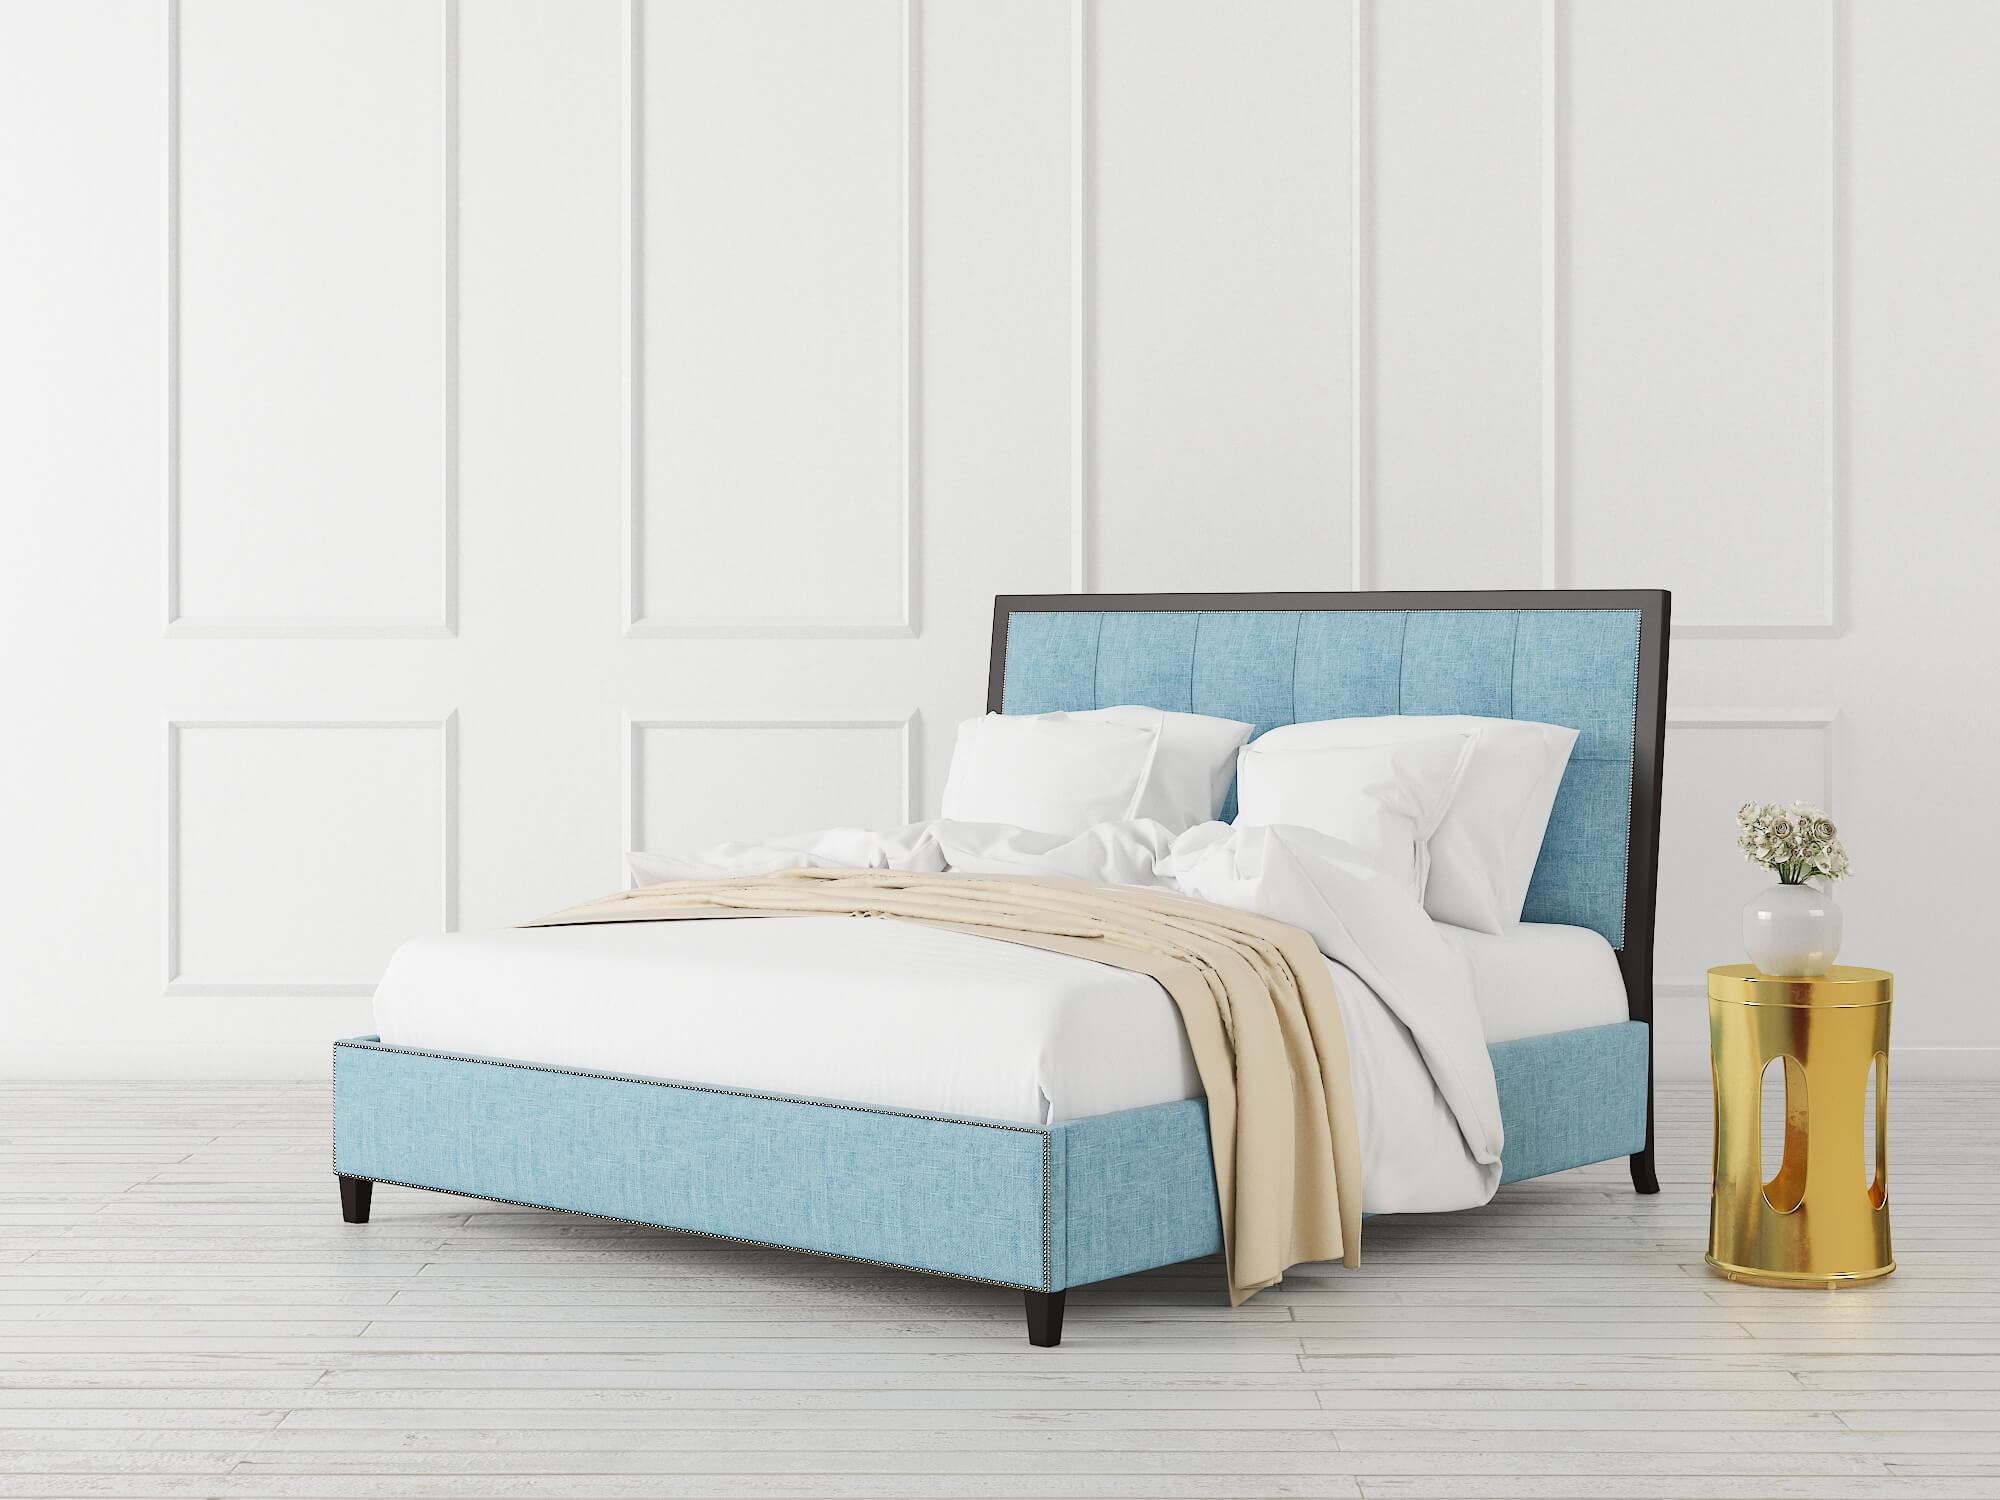 Hugo Bed King Room Background